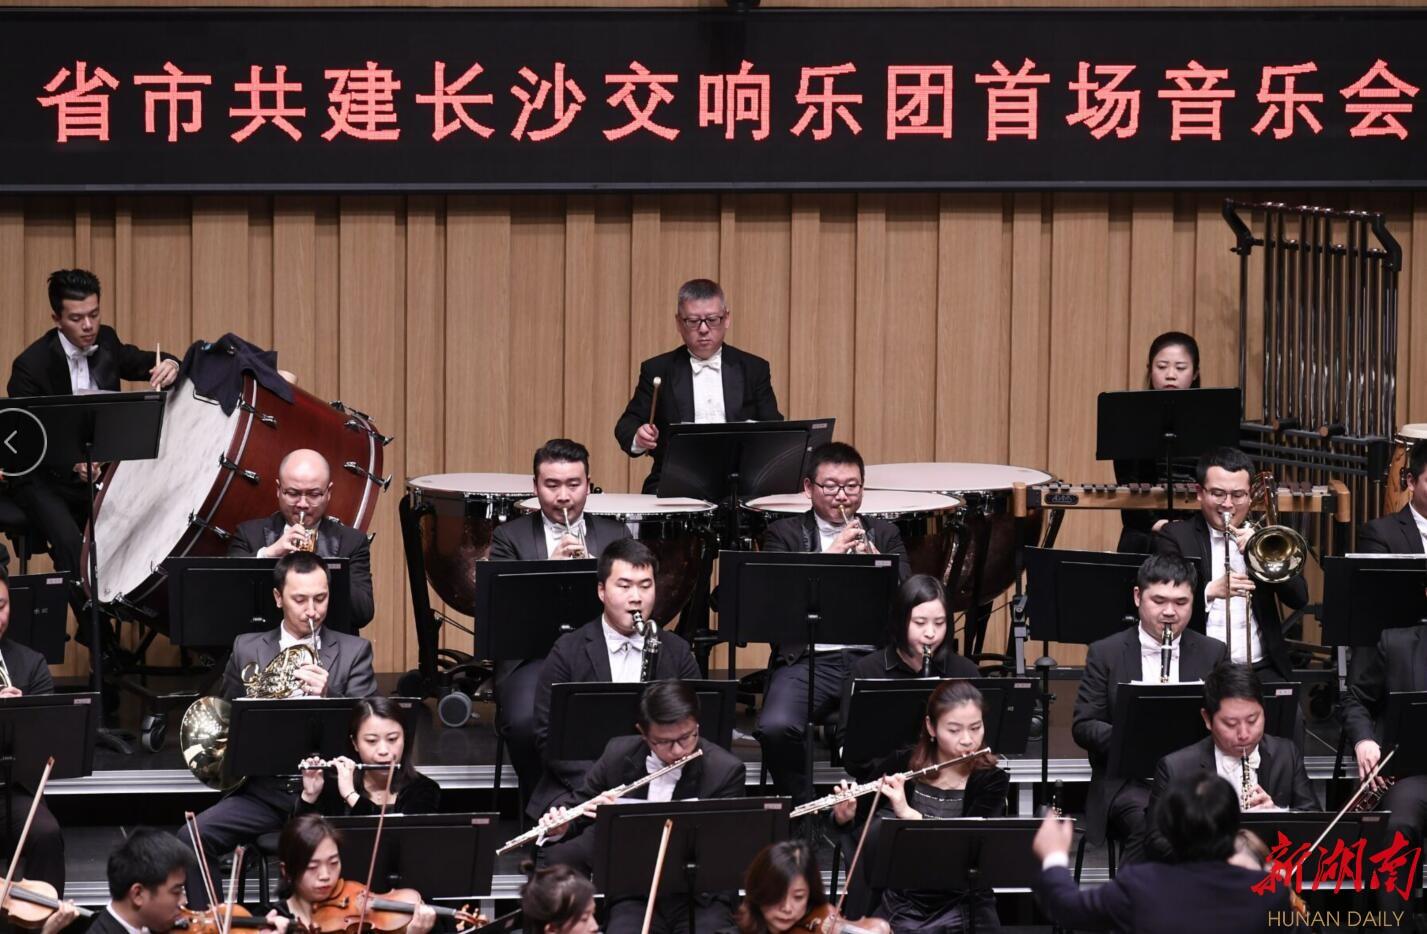 长沙交响乐团揭牌 力争在5年内成为国内一流交响乐团 新湖南www.hunanabc.com